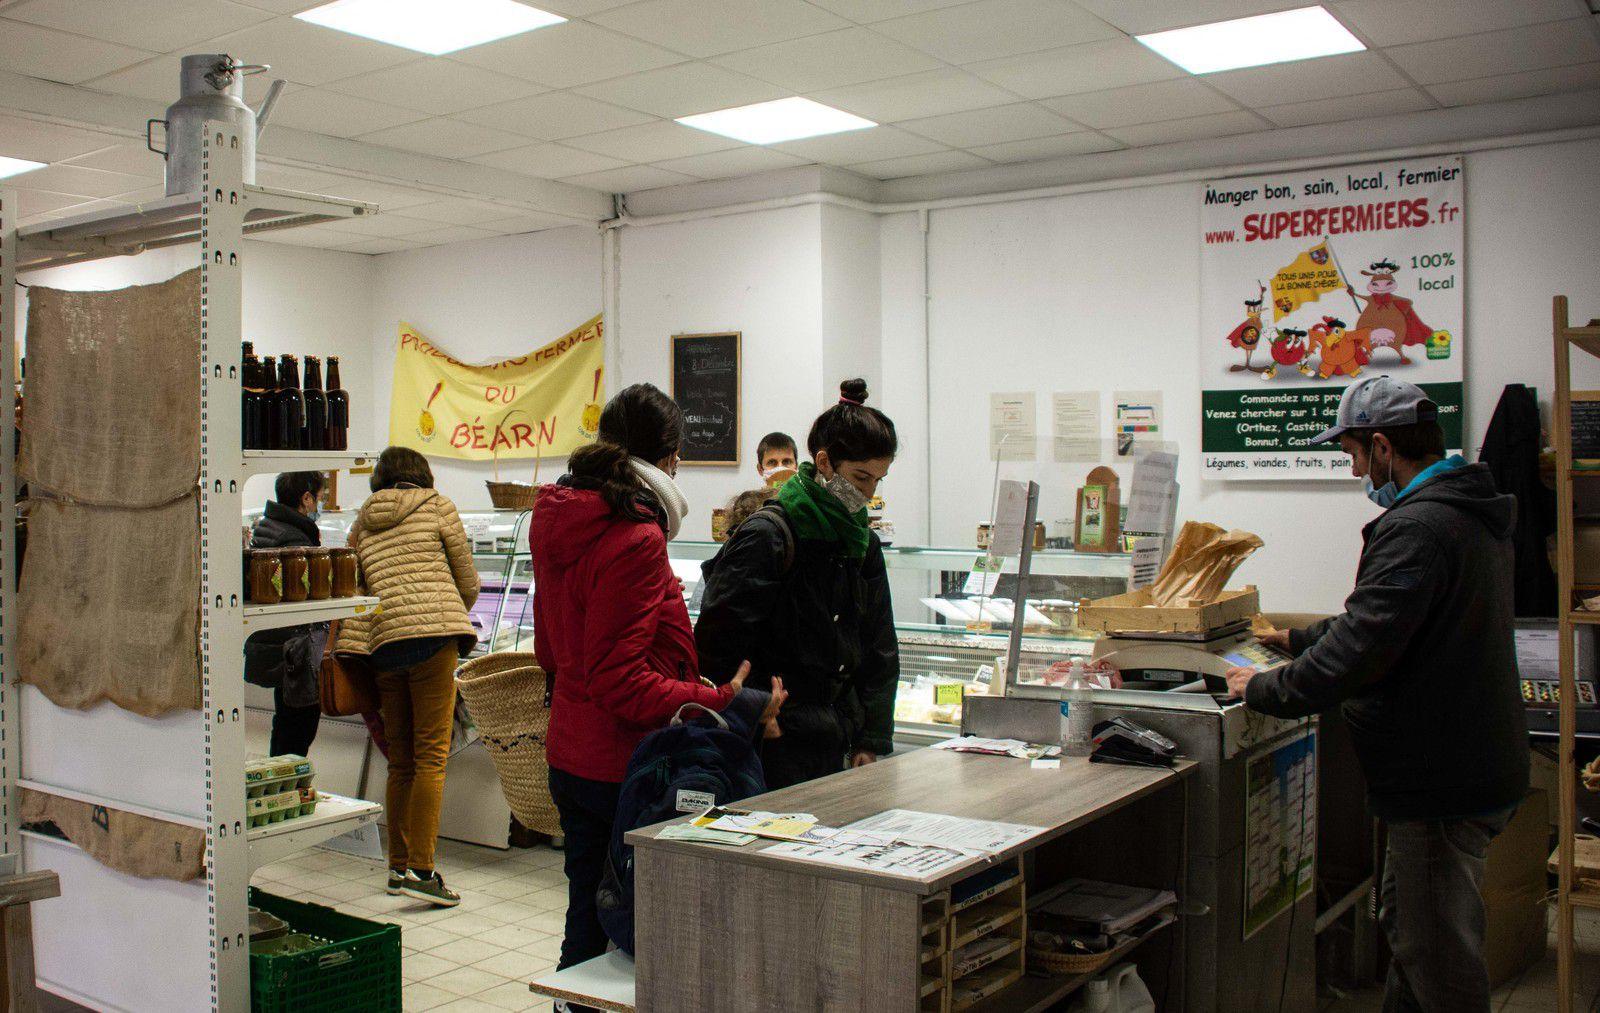 ORTHEZ : Le marché du mardi en fanfare avec le père Noël